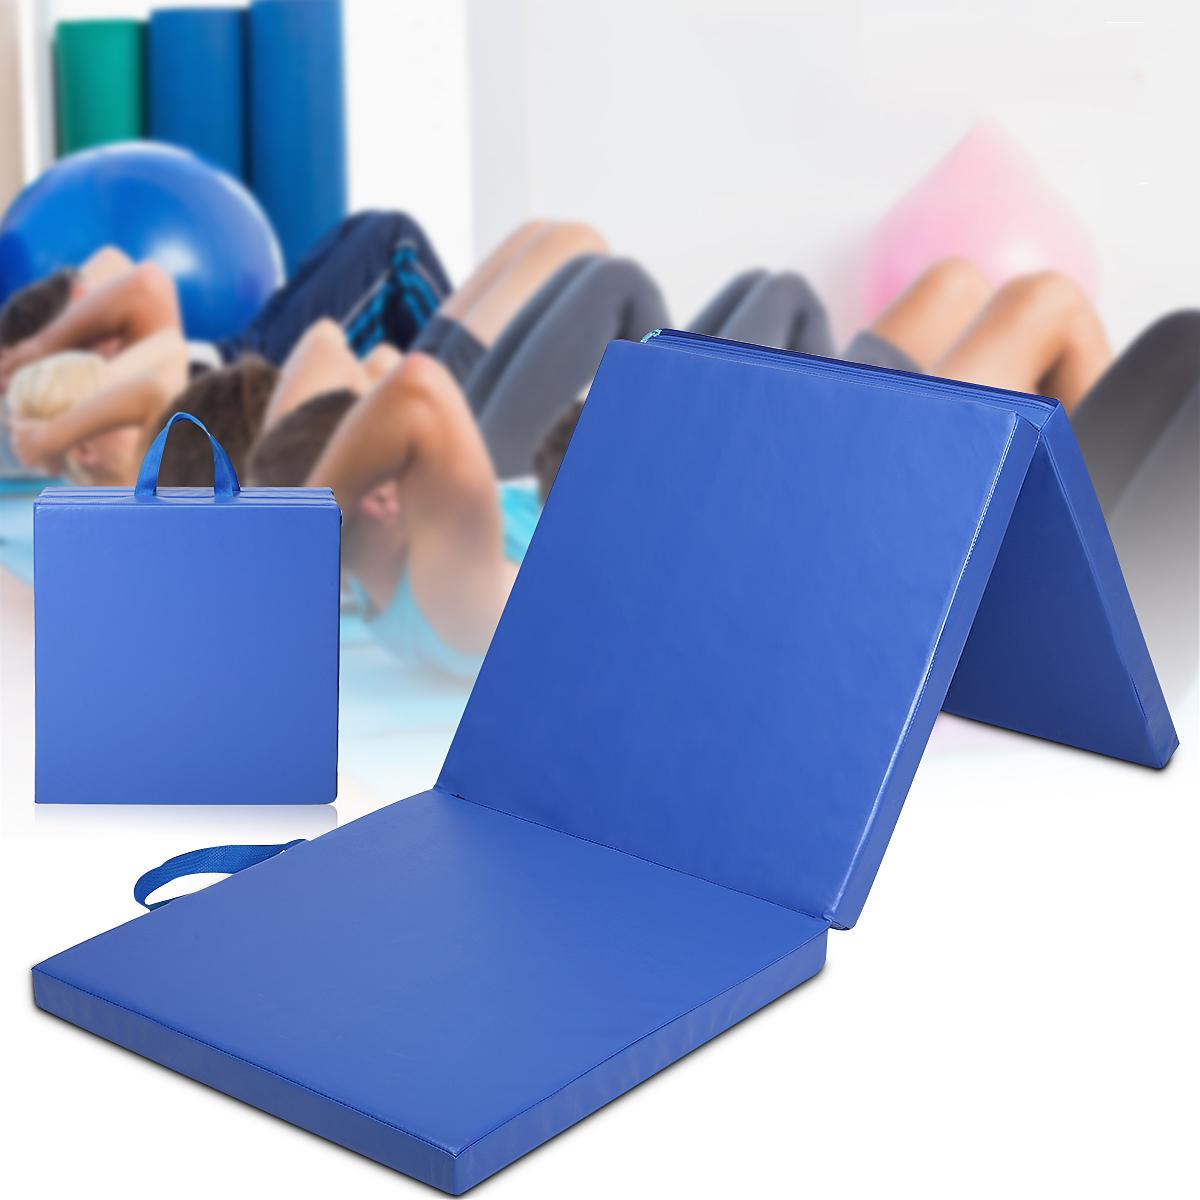 70×23×2بوصة 3 طيات الجمباز حصيرة Yoga ممارسة رياضة المحمولة airtrack لوحة تراجع تسلق بيلاتيس سادة وسادة